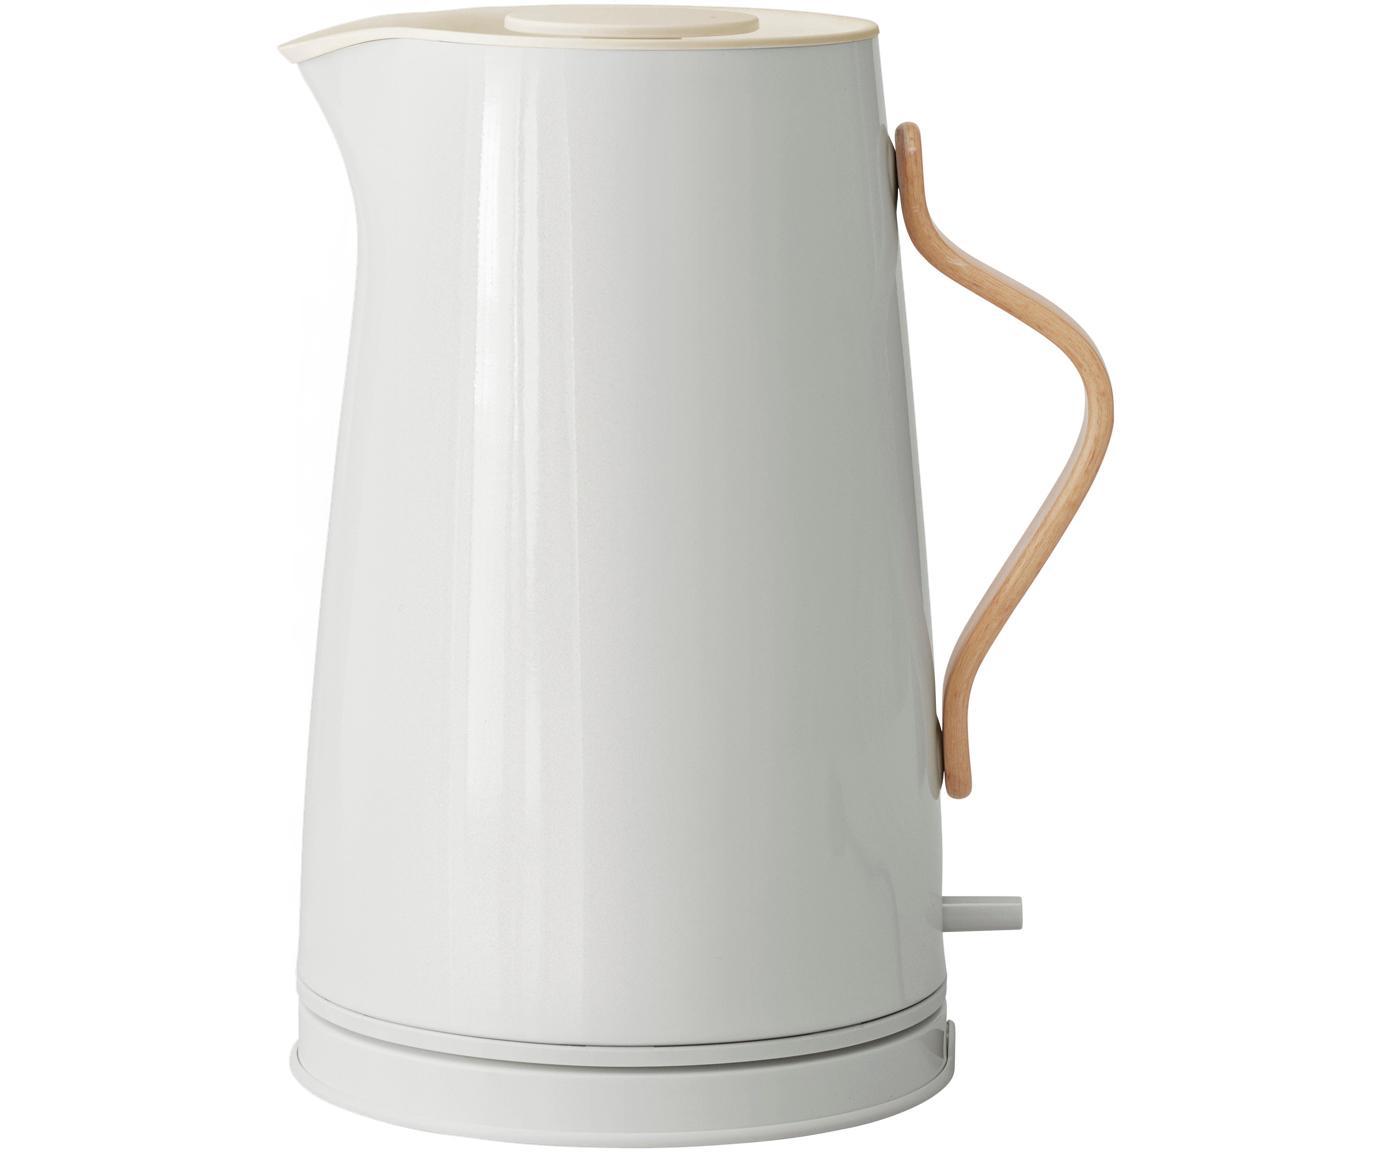 Czajnik elektryczny Emma, Biały, 1,2 l